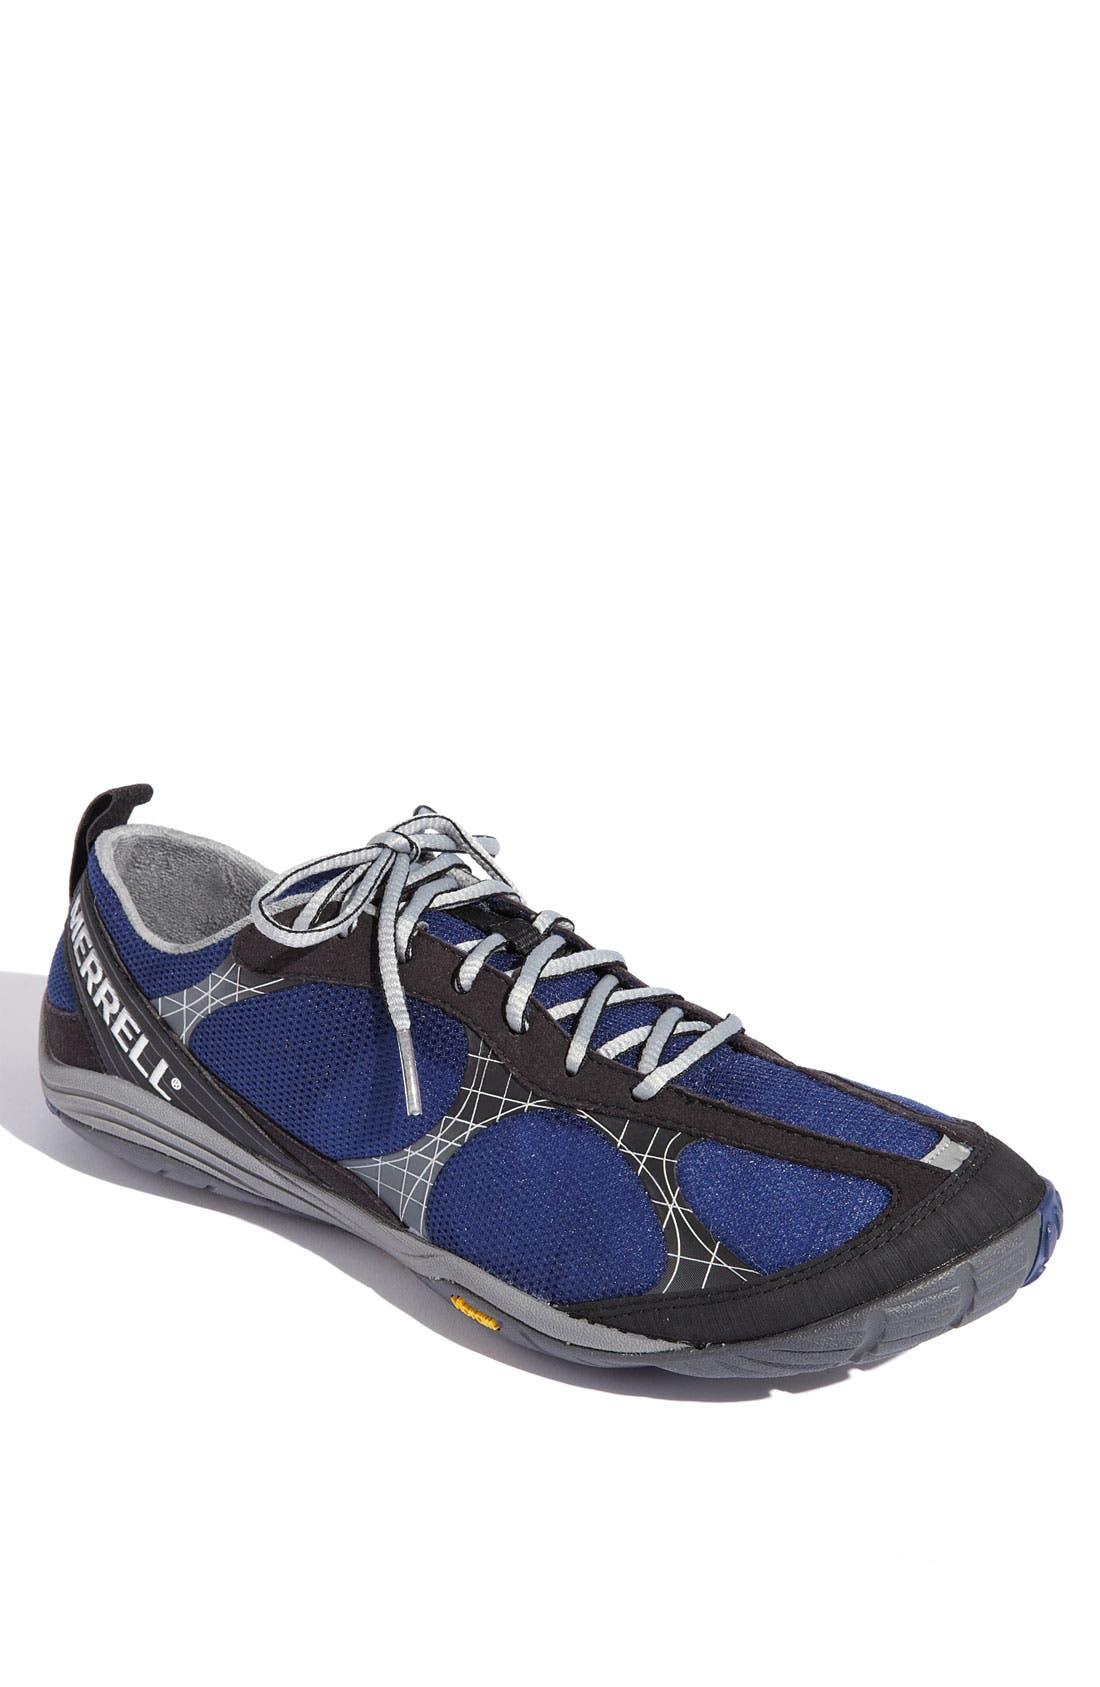 Alternate Image 1 Selected - Merrell 'Road Glove' Running Shoe (Men)